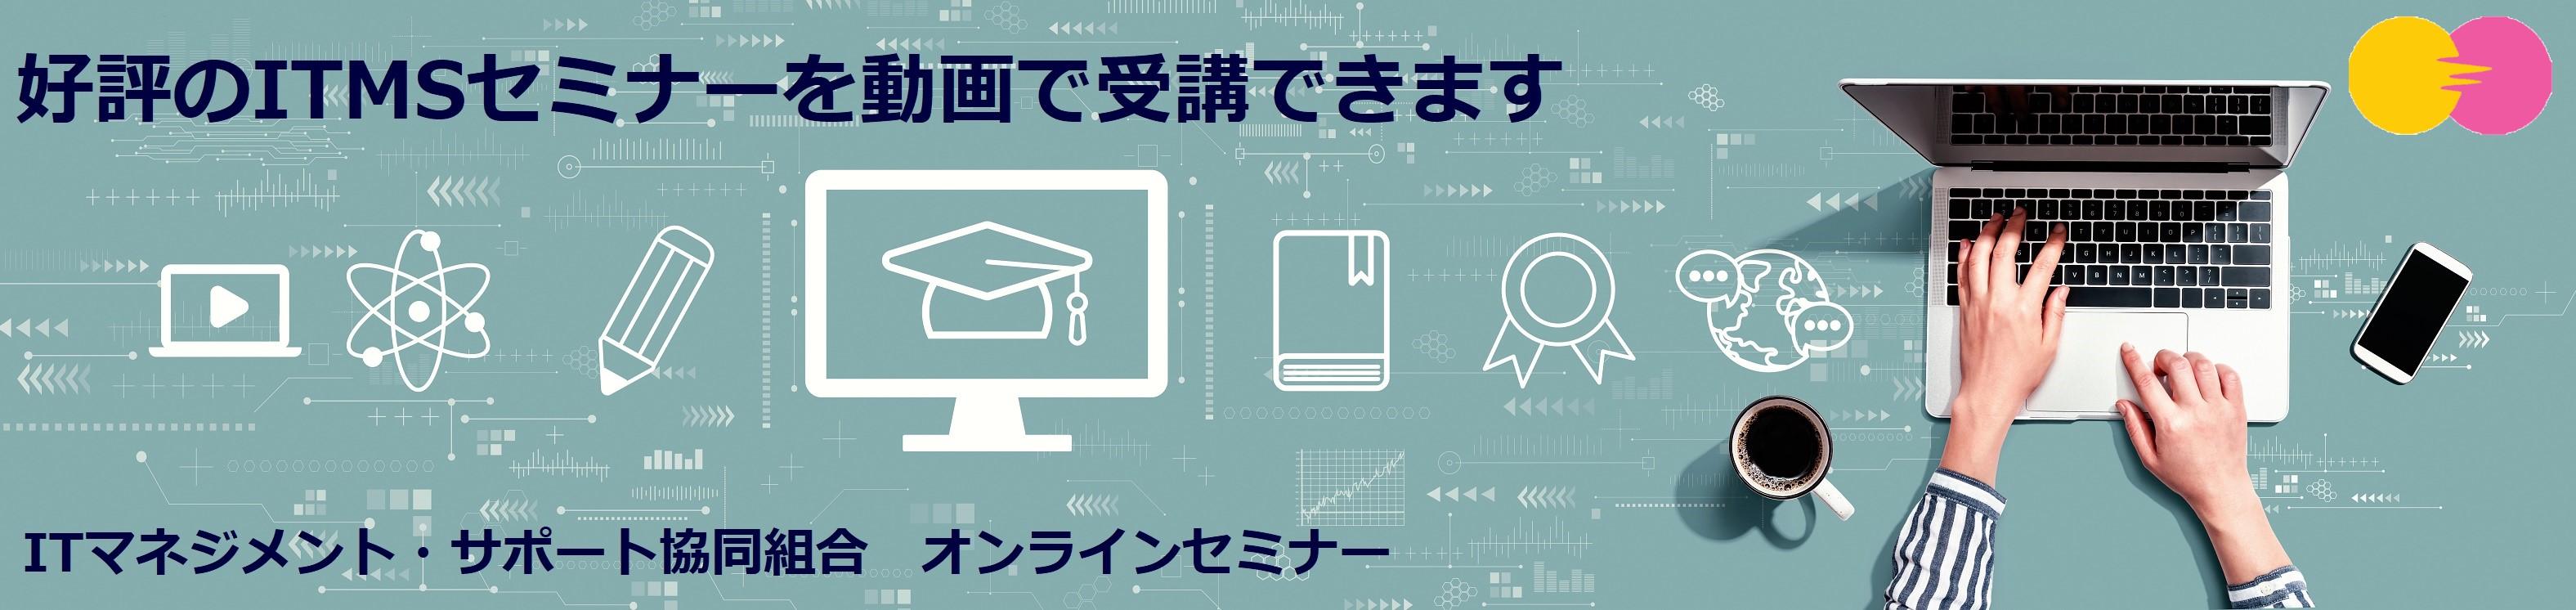 ITMSオンラインセミナー